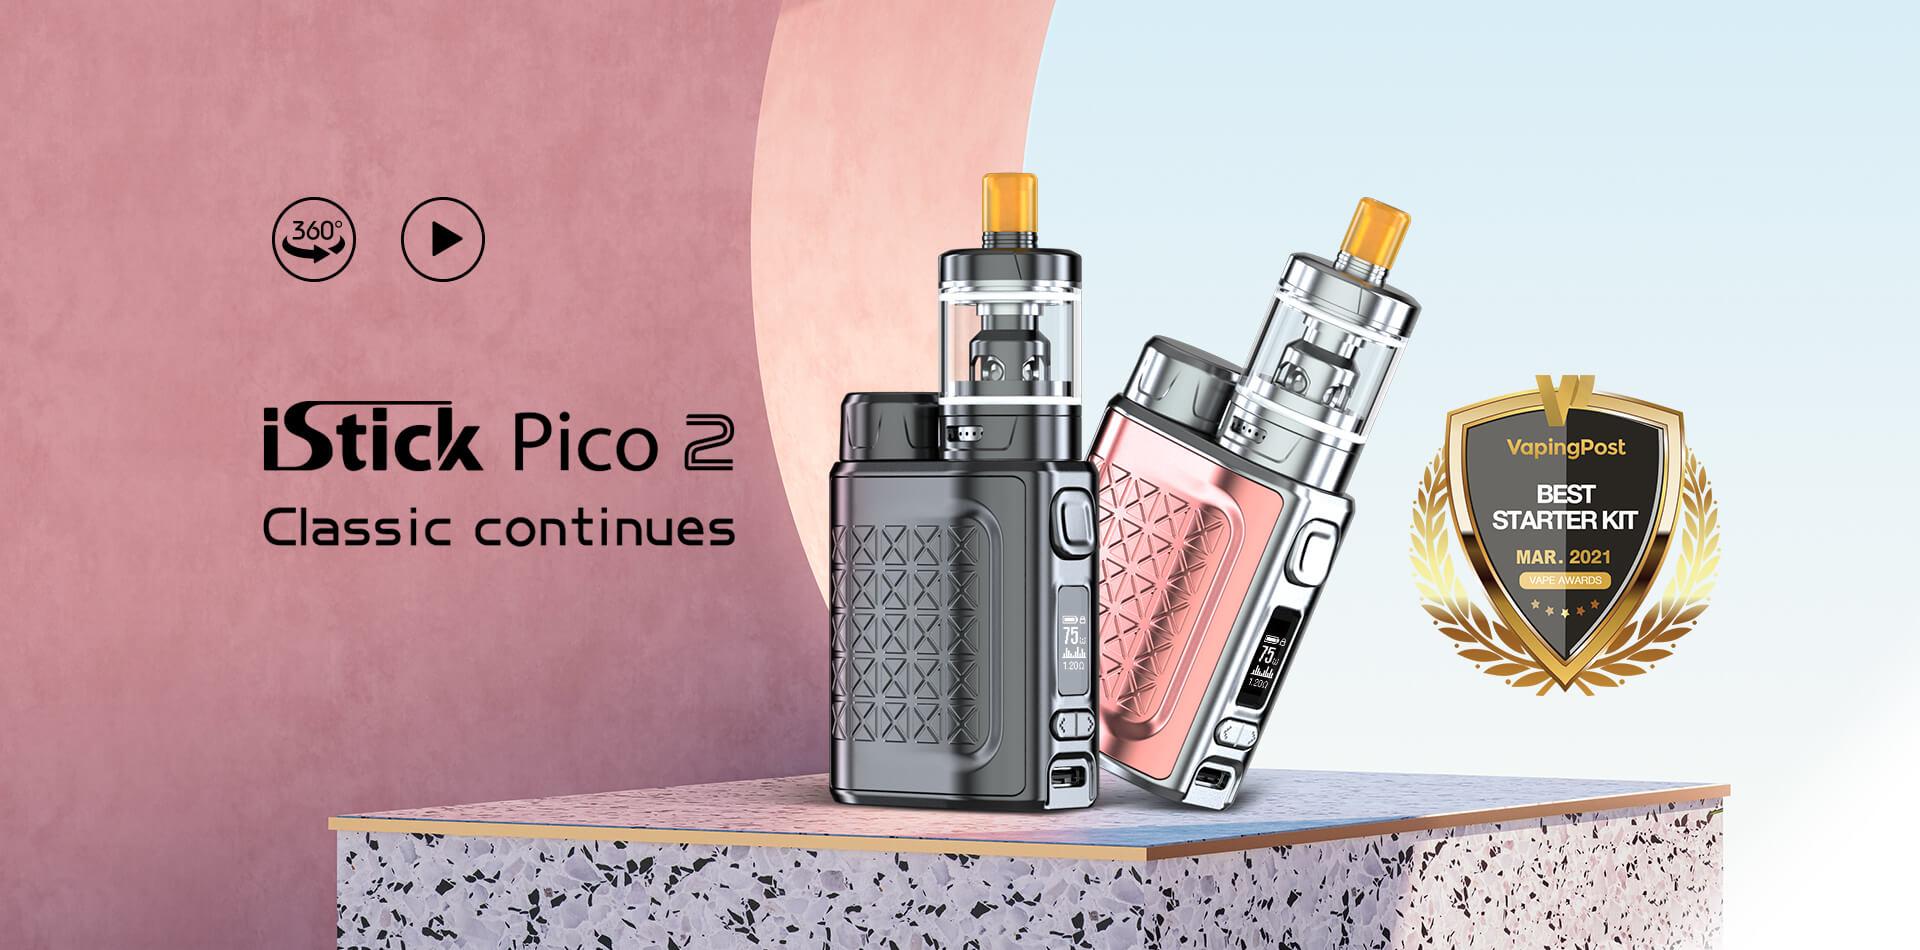 iStick Pico 2 with GZeno S